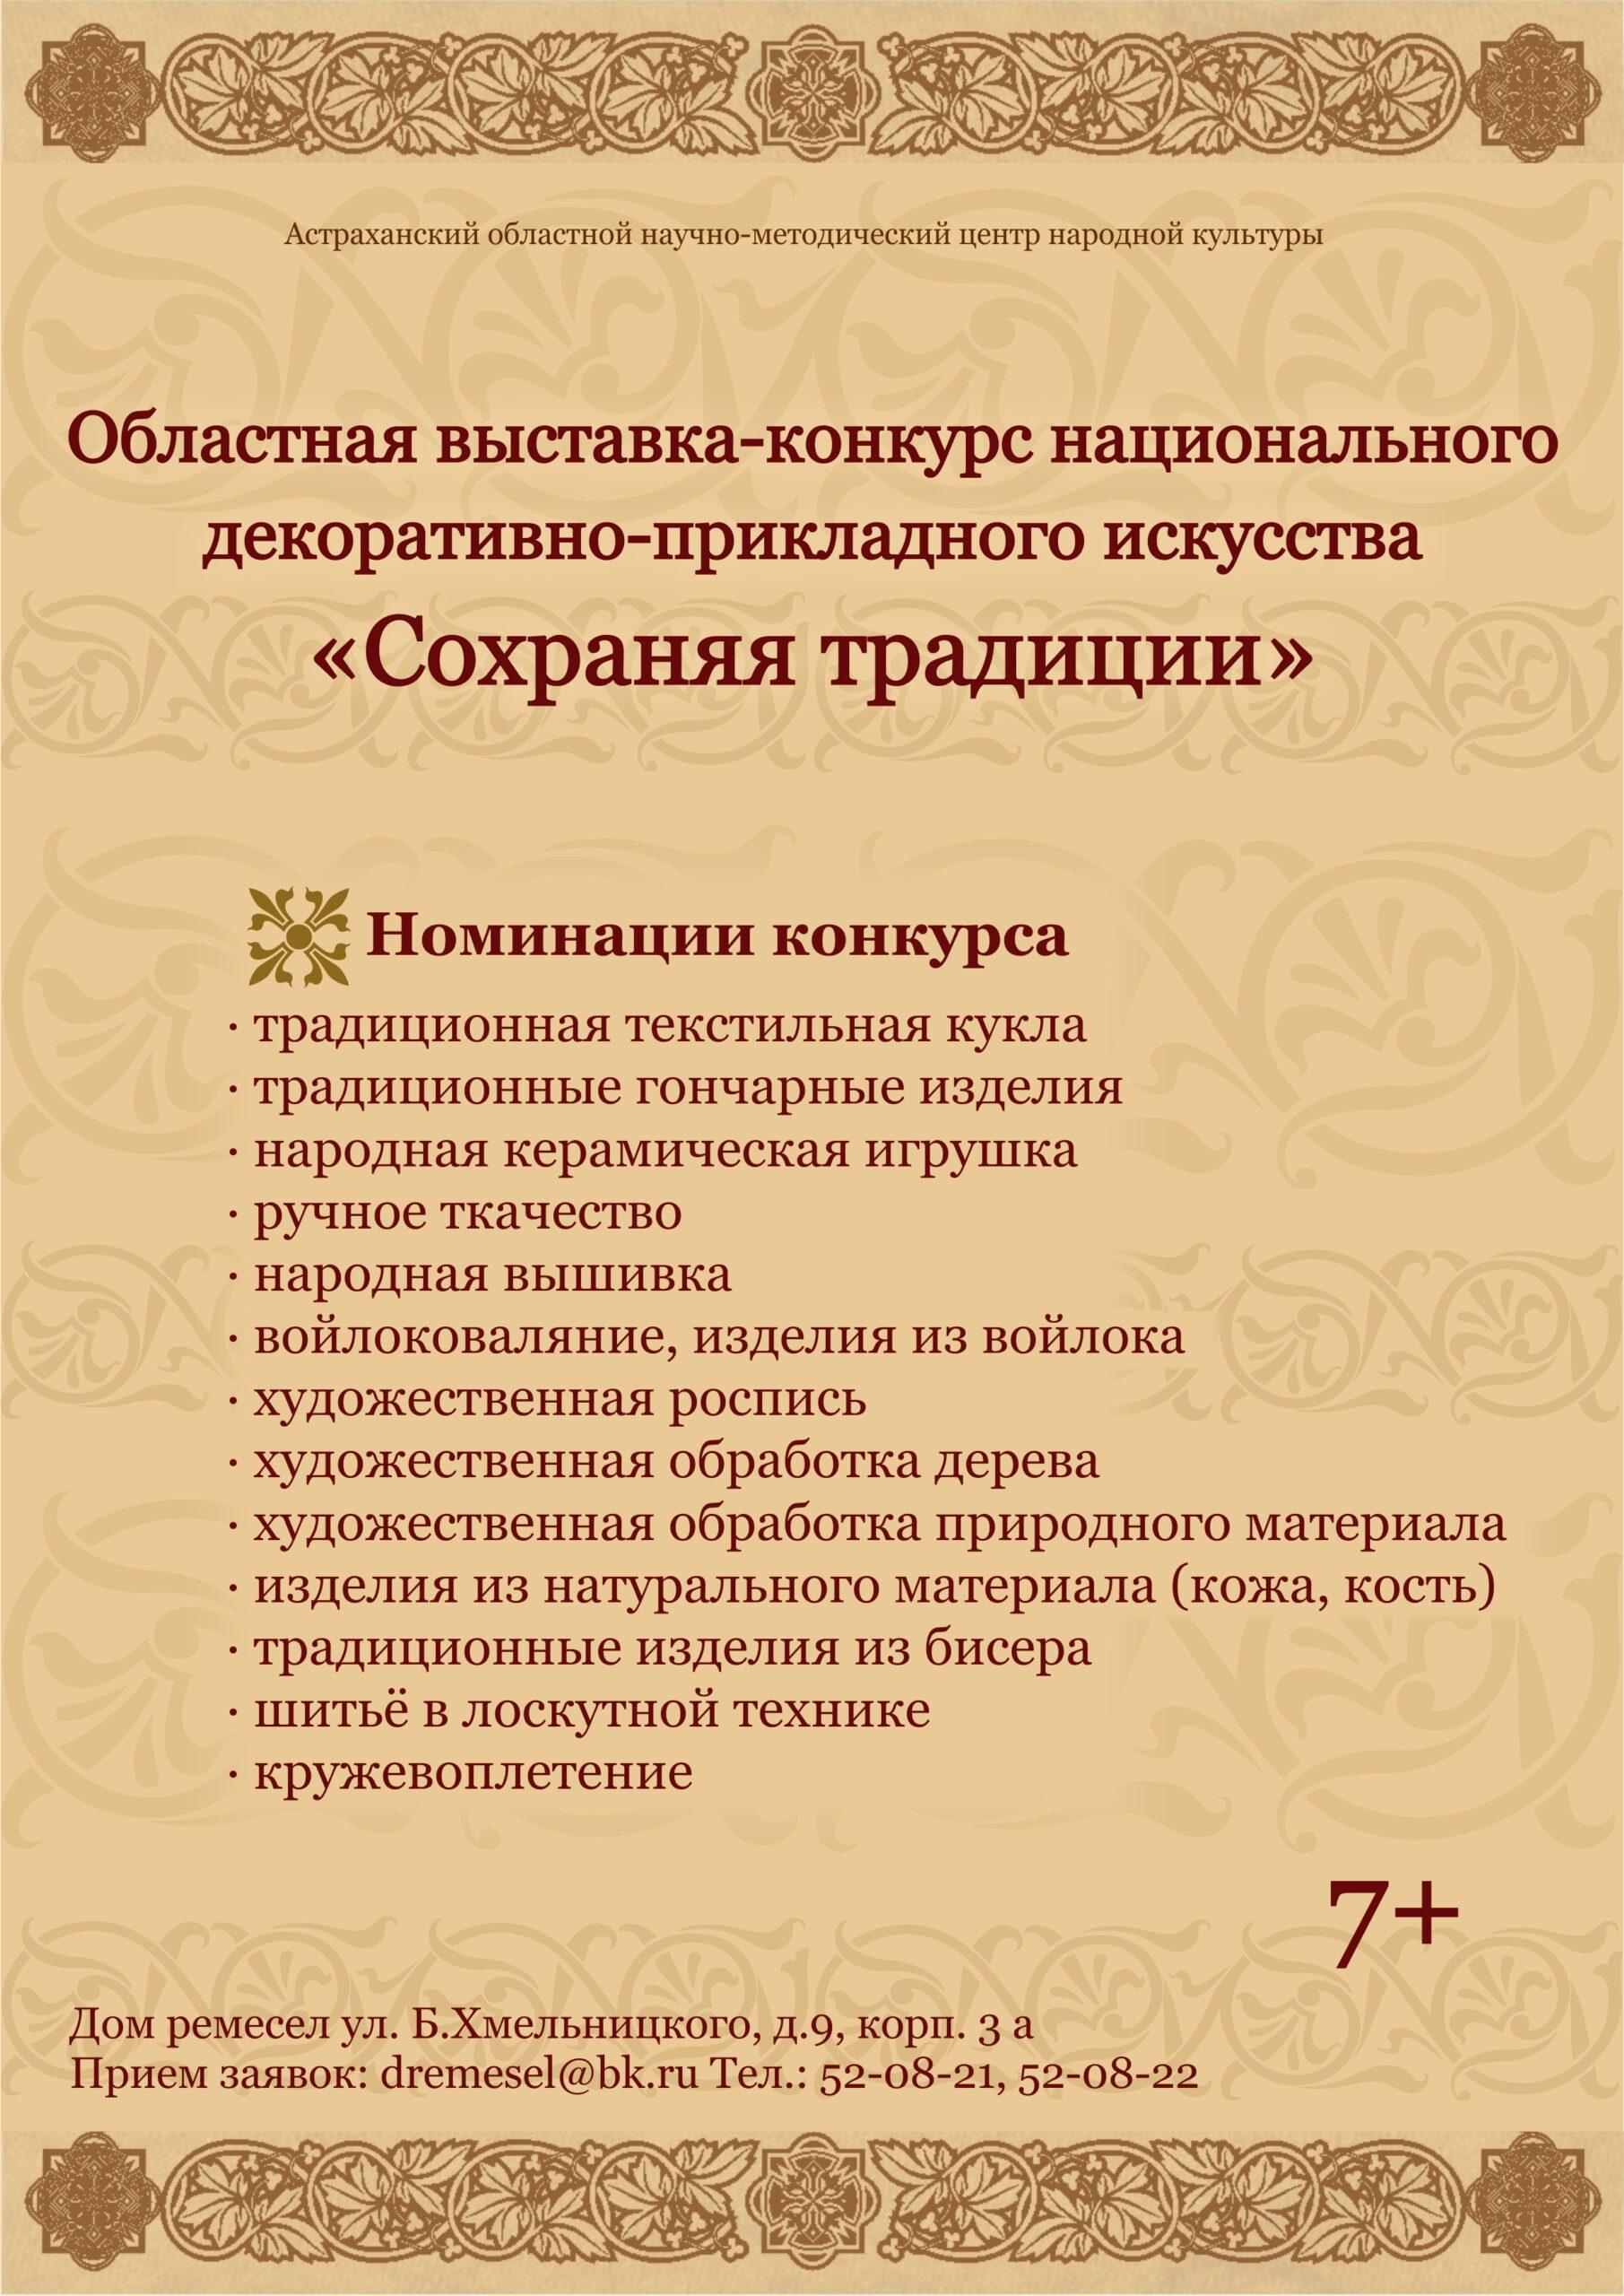 В Центре народной культуры завершается прием заявок на конкурс-выставку «Сохраняя традиции»